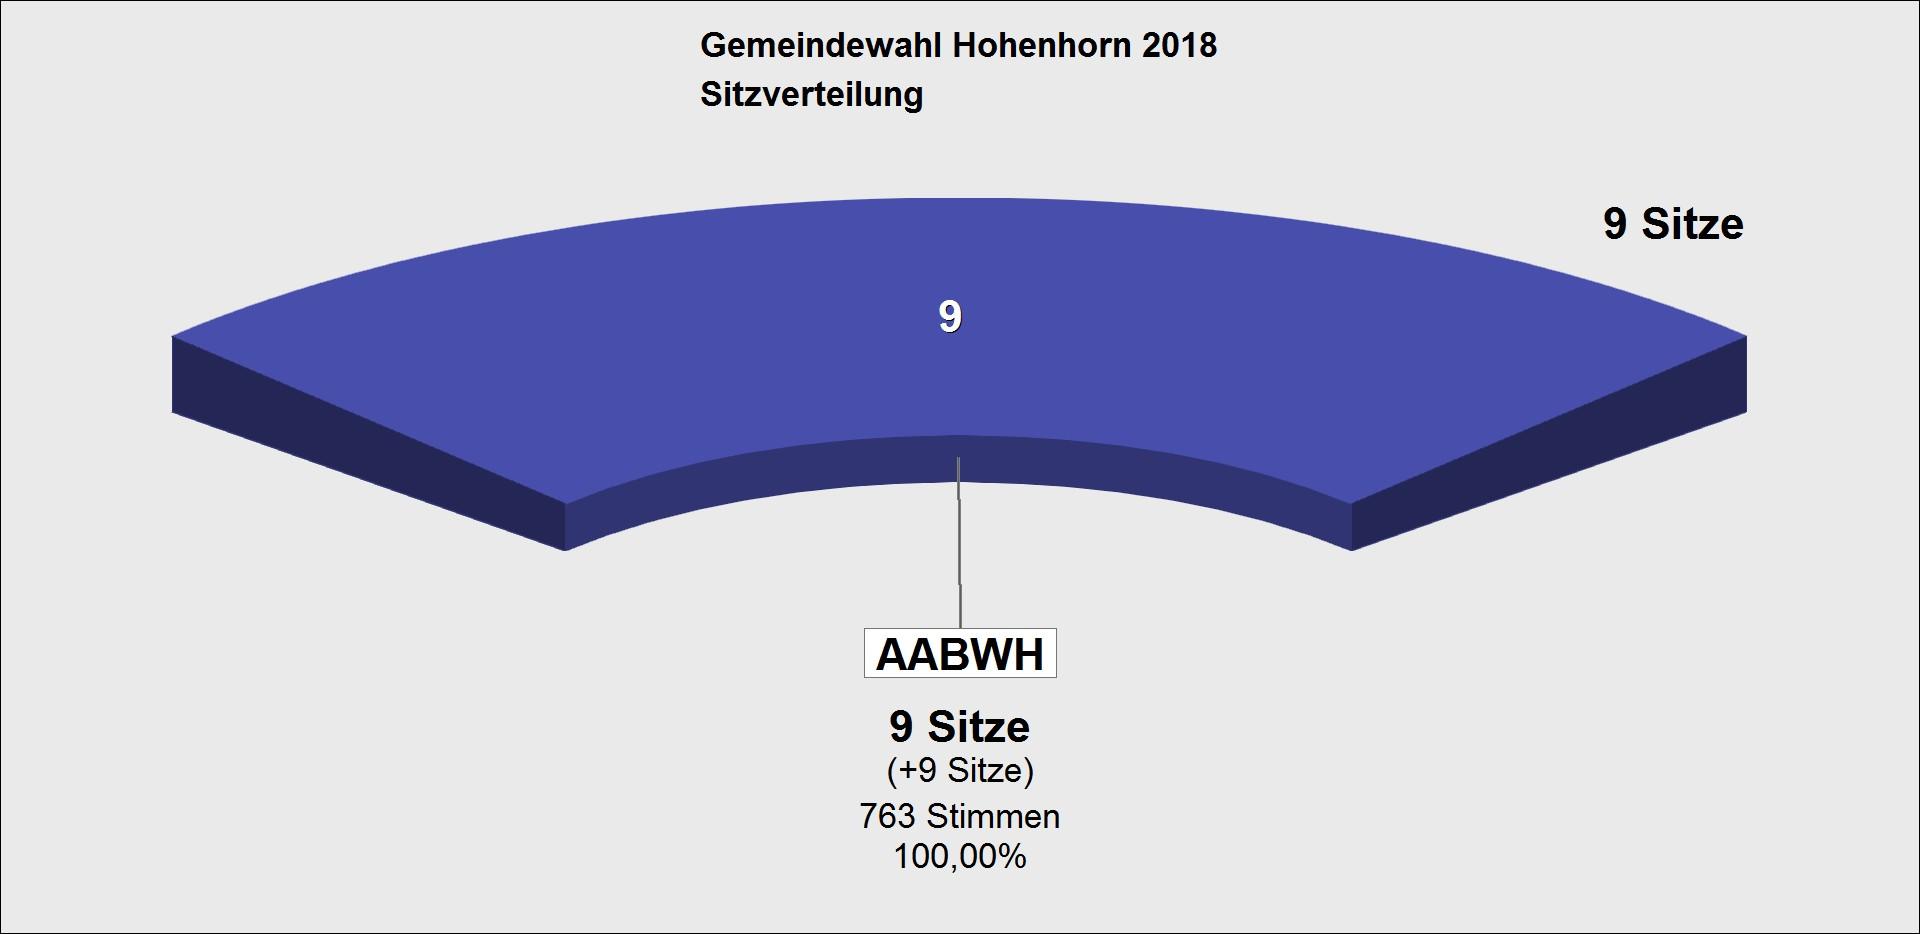 GWA 2018 Sitzverteilung GV Hohenhorn